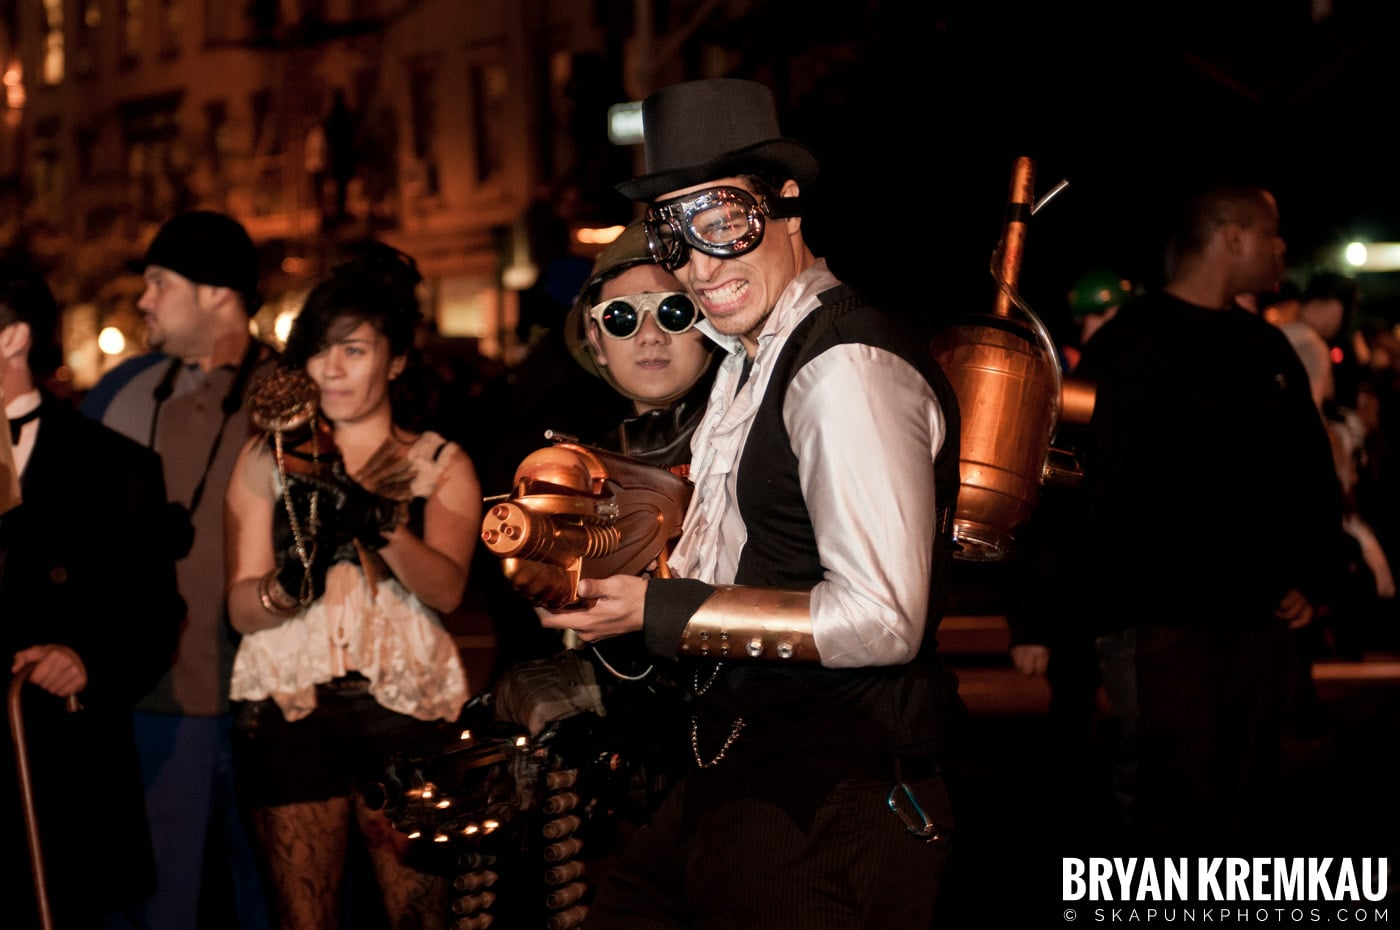 NYC Halloween Parade 2011 @ New York, NY - 10.31.11 (40)